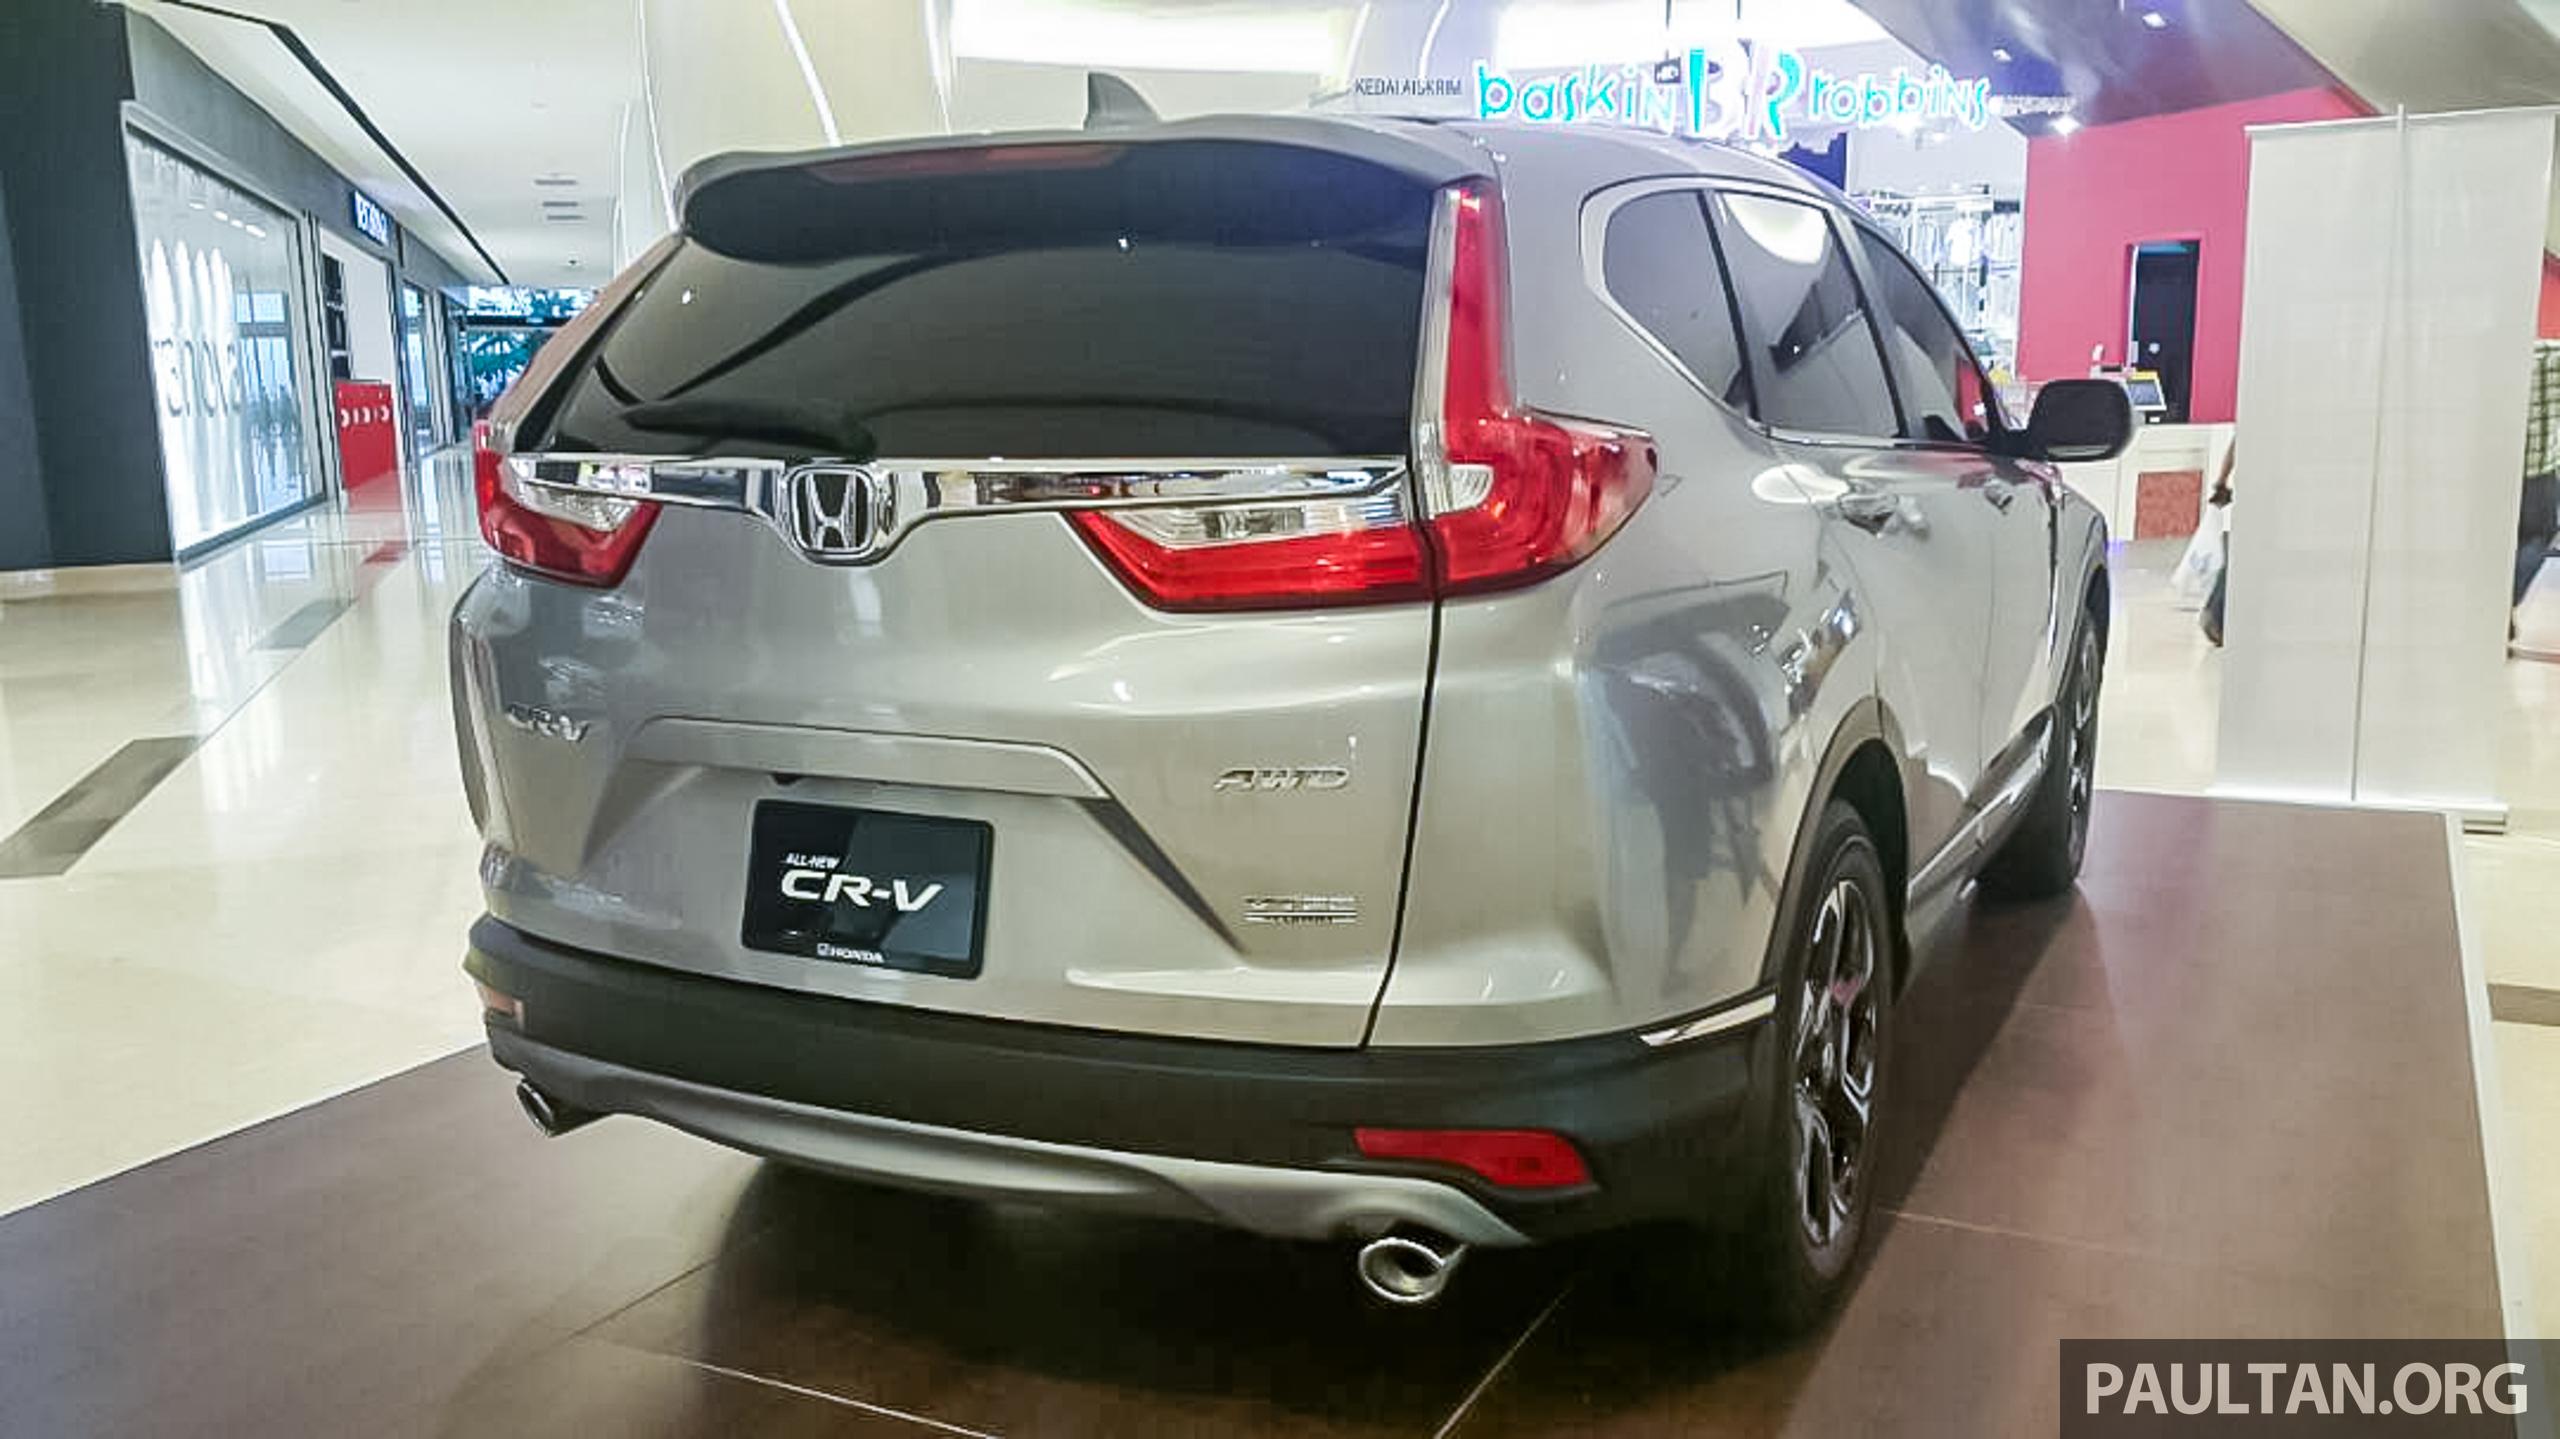 全新 Honda CR-V 1.5 VTEC Turbo 在沙巴亚庇公开亮相。 KK CRV-23 - Paul